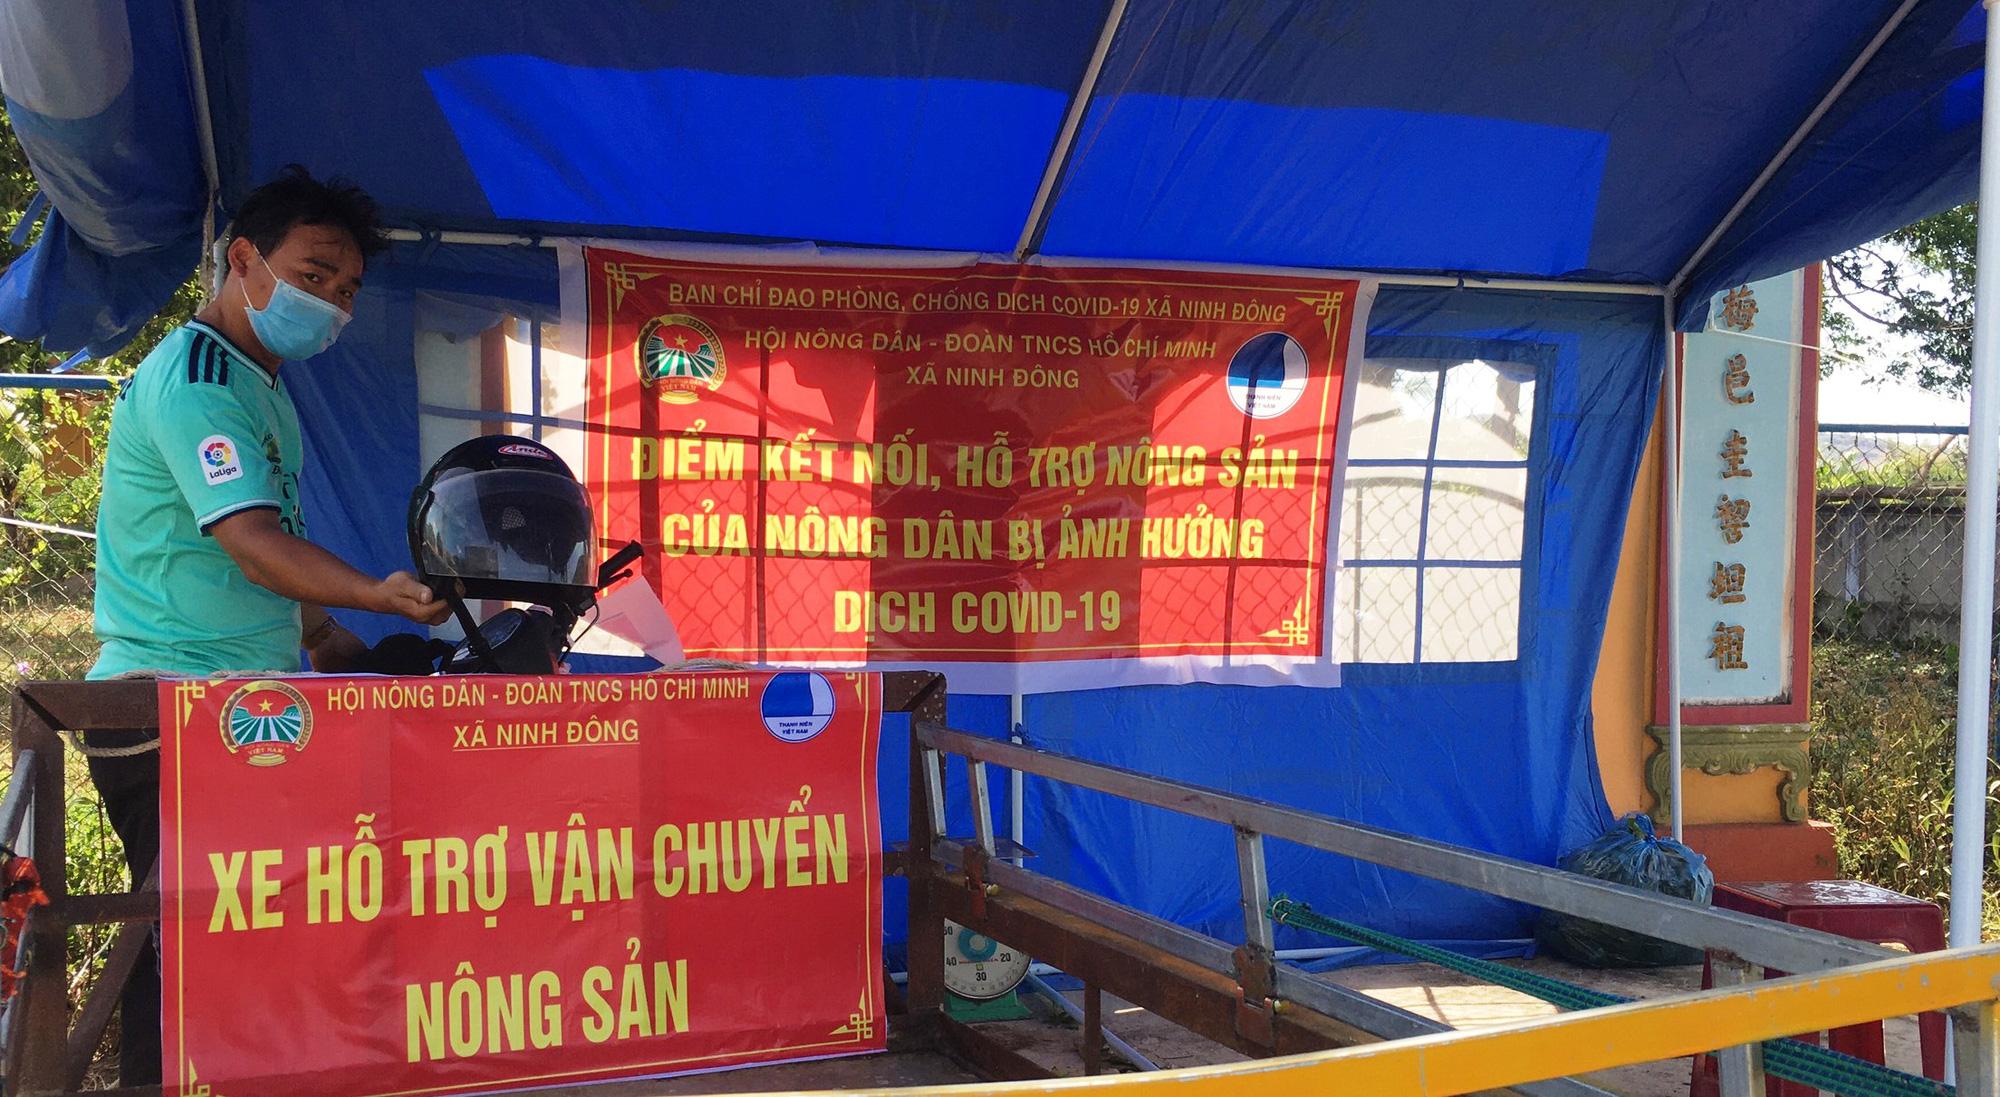 Hội Nông dân Khánh Hòa: Nhiều hoạt động chung tay phòng, chống dịch Covid-19 - Ảnh 9.